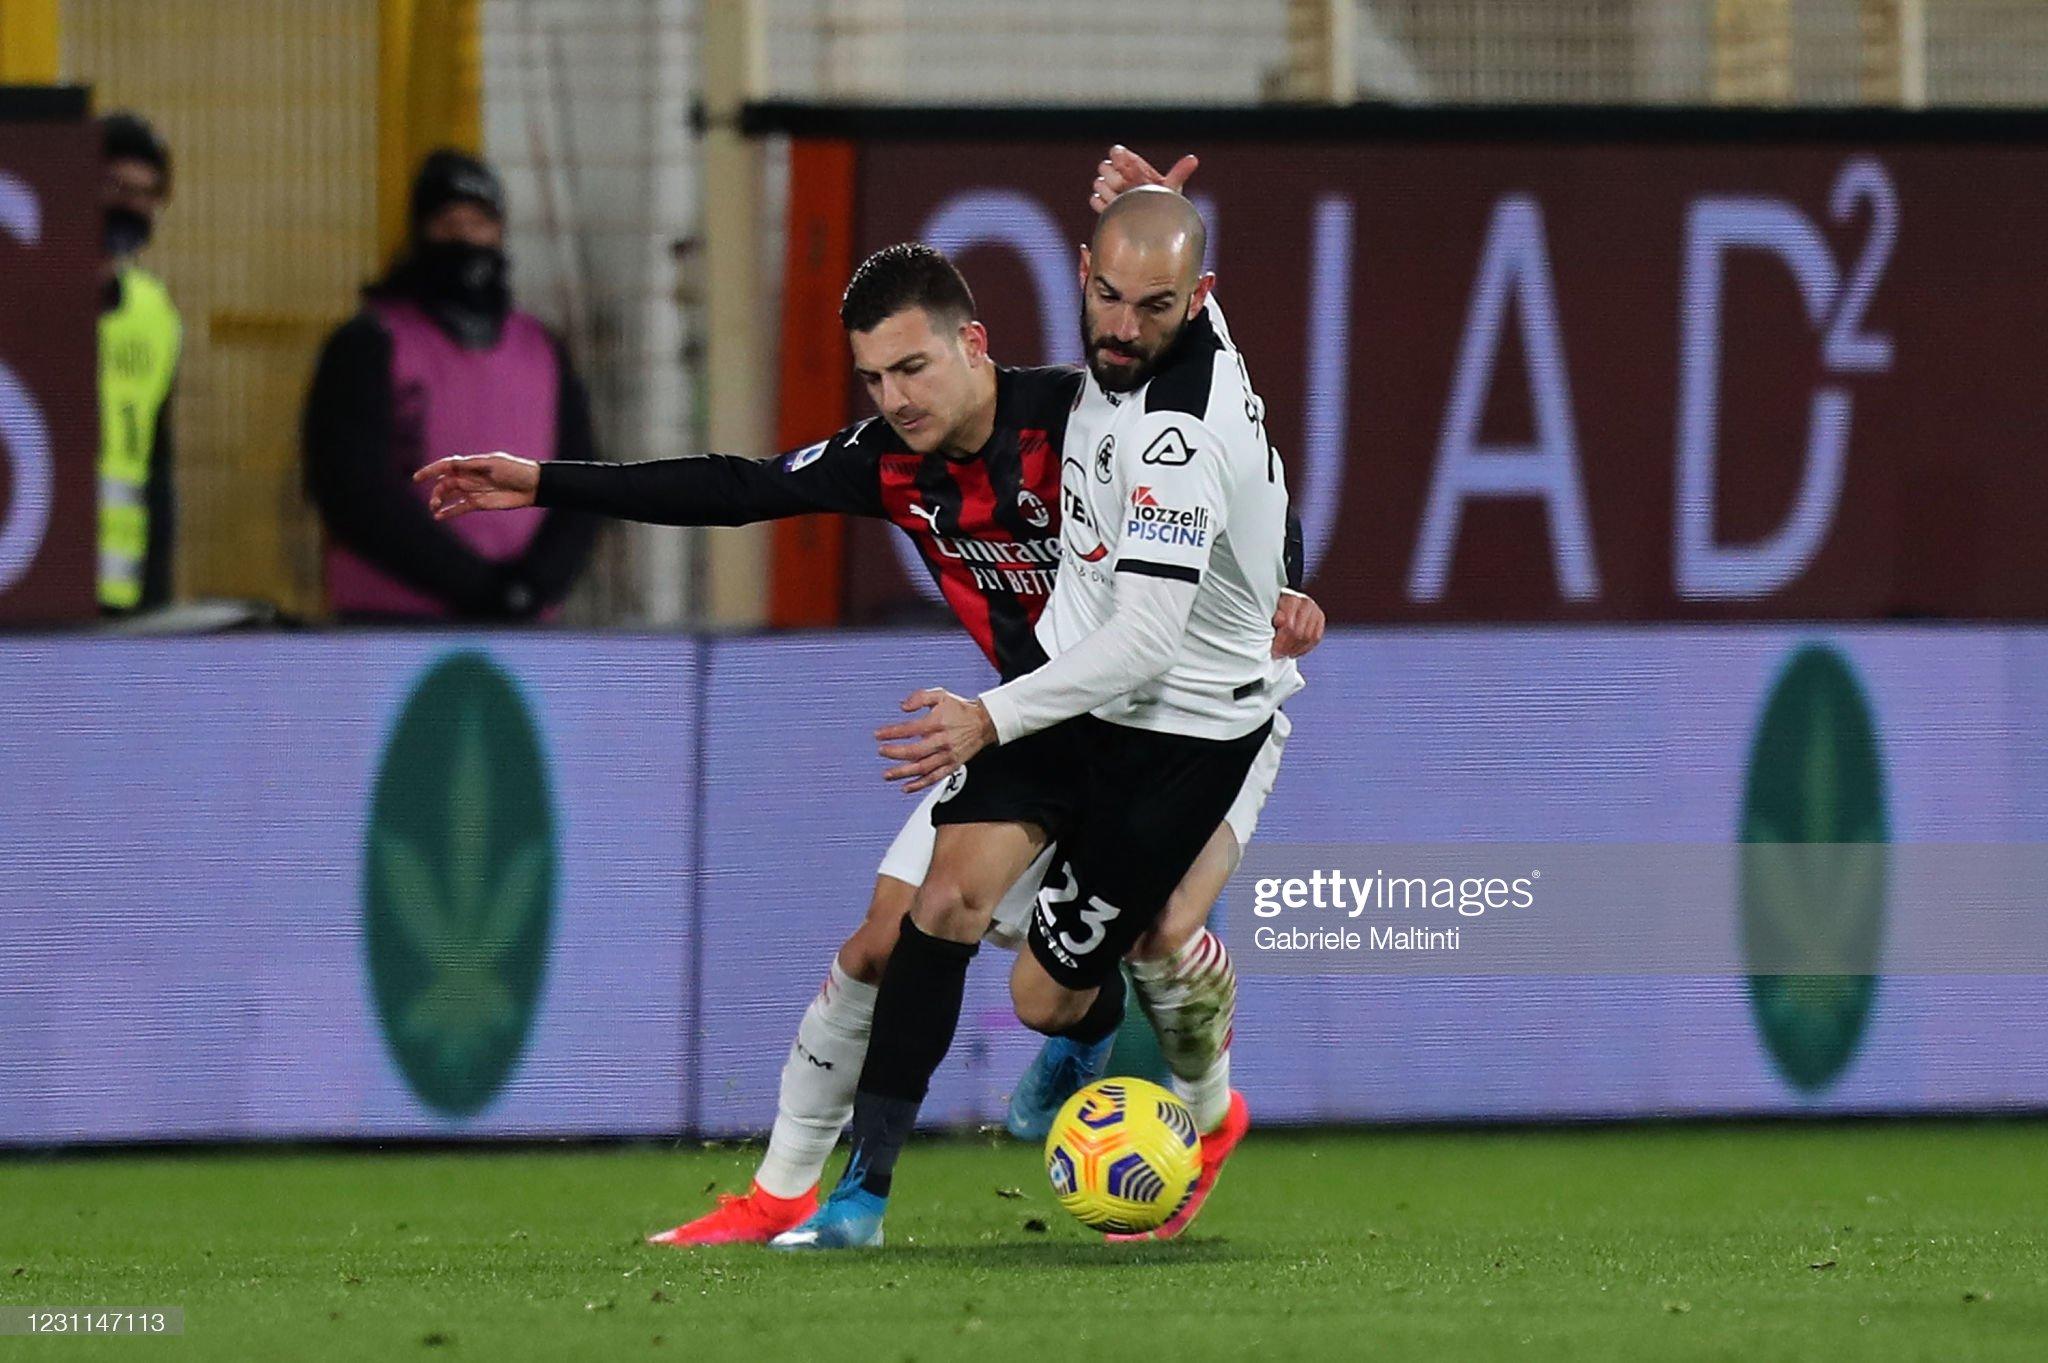 Spezia Calcio v AC Milan - Serie A : News Photo